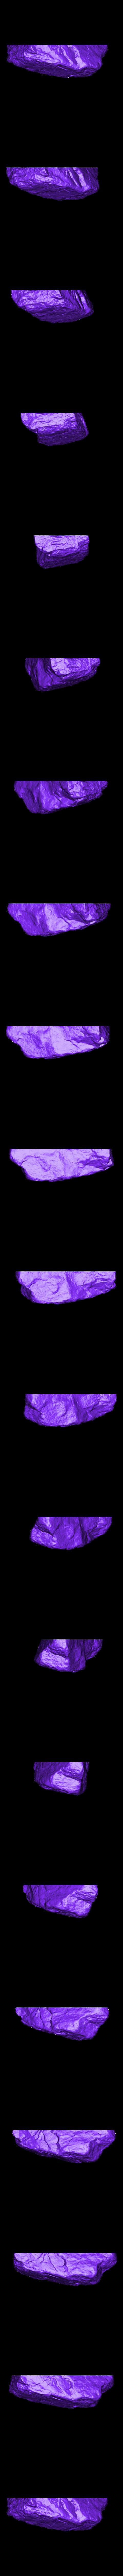 1x-r12_a_original-62.1x32.8x19.6mm.stl Télécharger fichier STL gratuit Deux pierres / roches • Modèle à imprimer en 3D, MaterialsToBuils3D